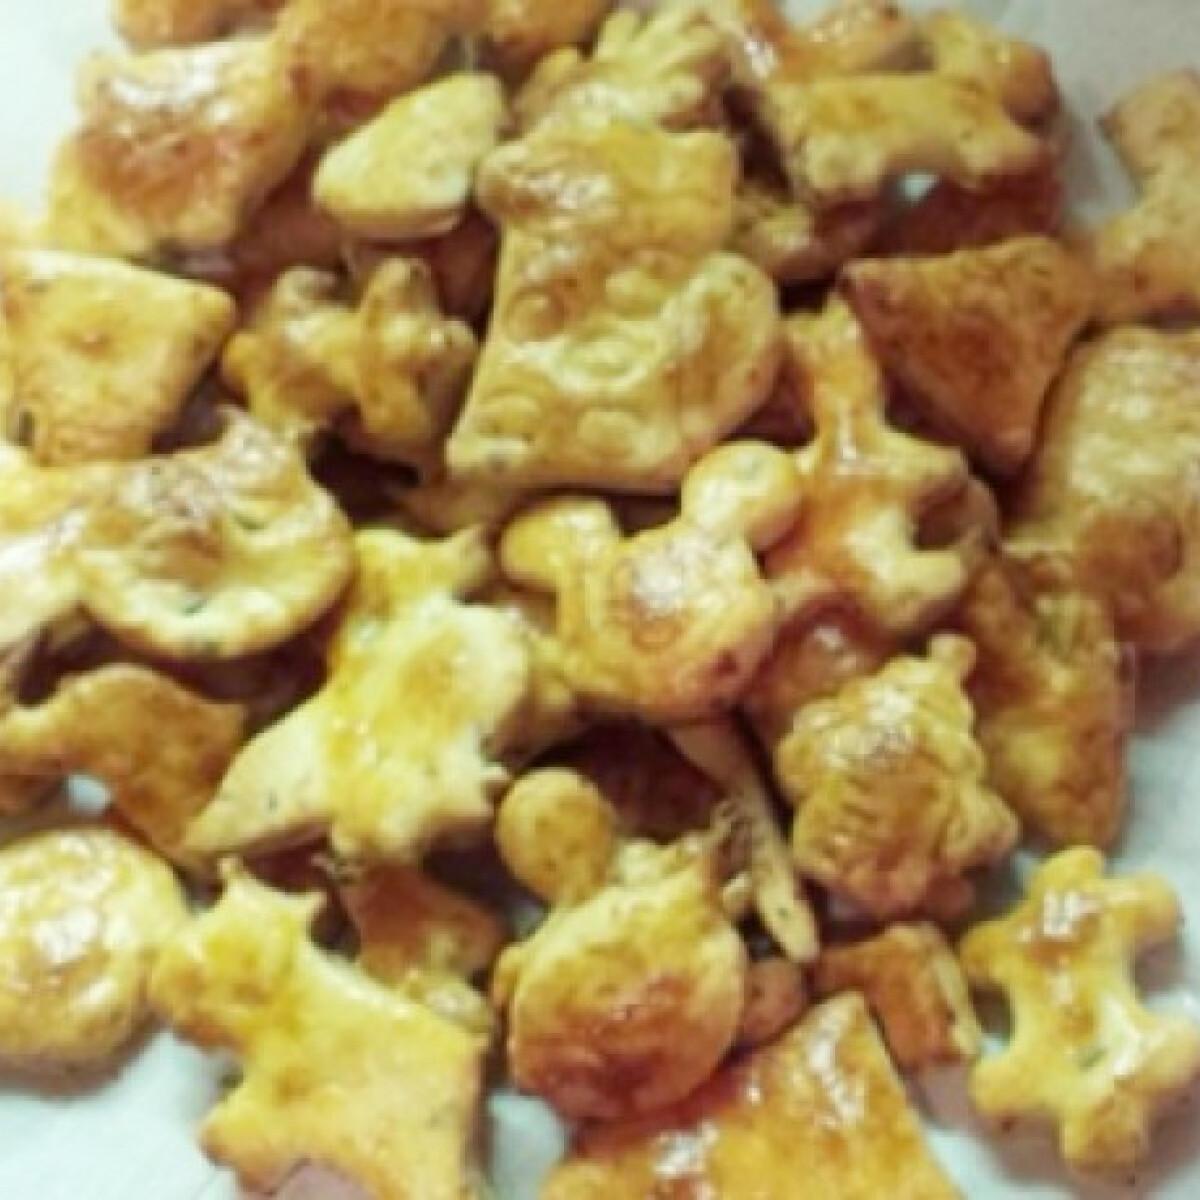 Olívás-füstölt gomolyás kekszek